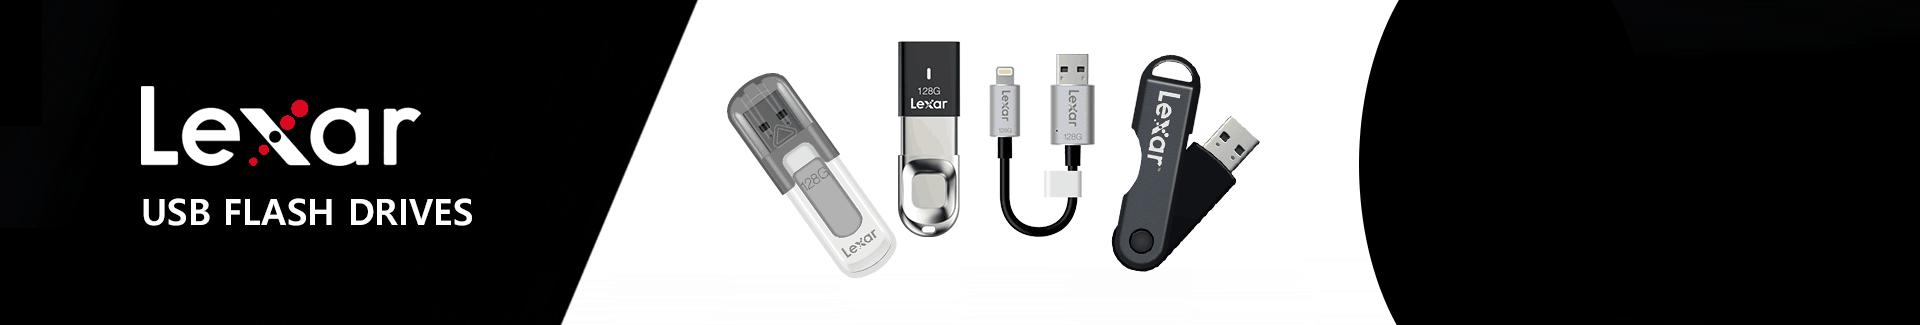 Lexar USB